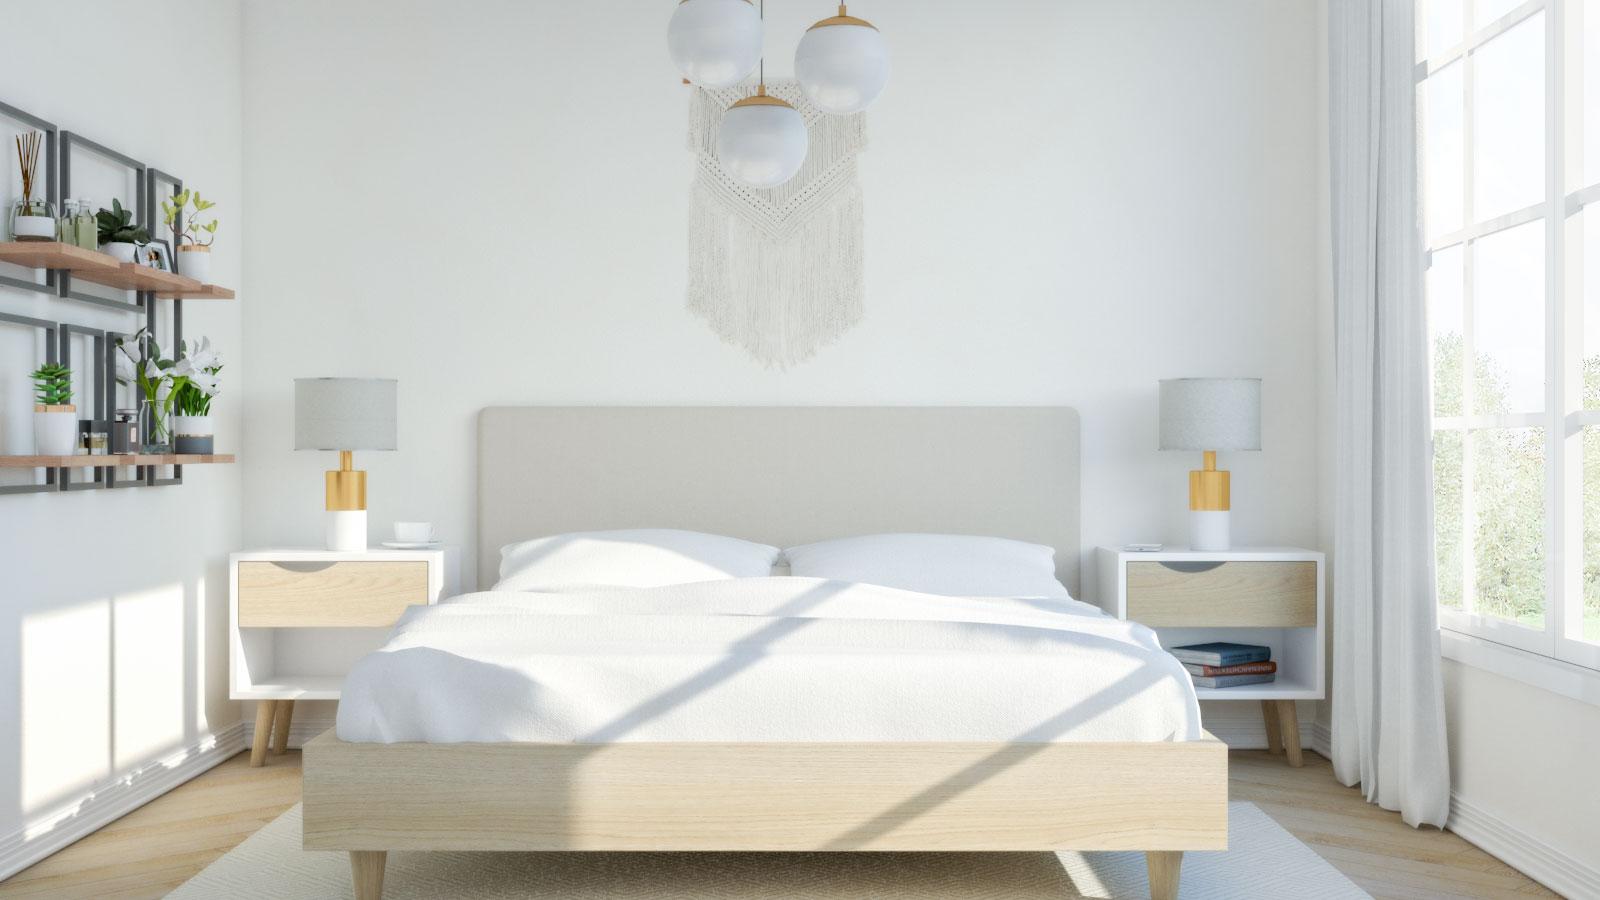 Beige modern mid-century bedroom